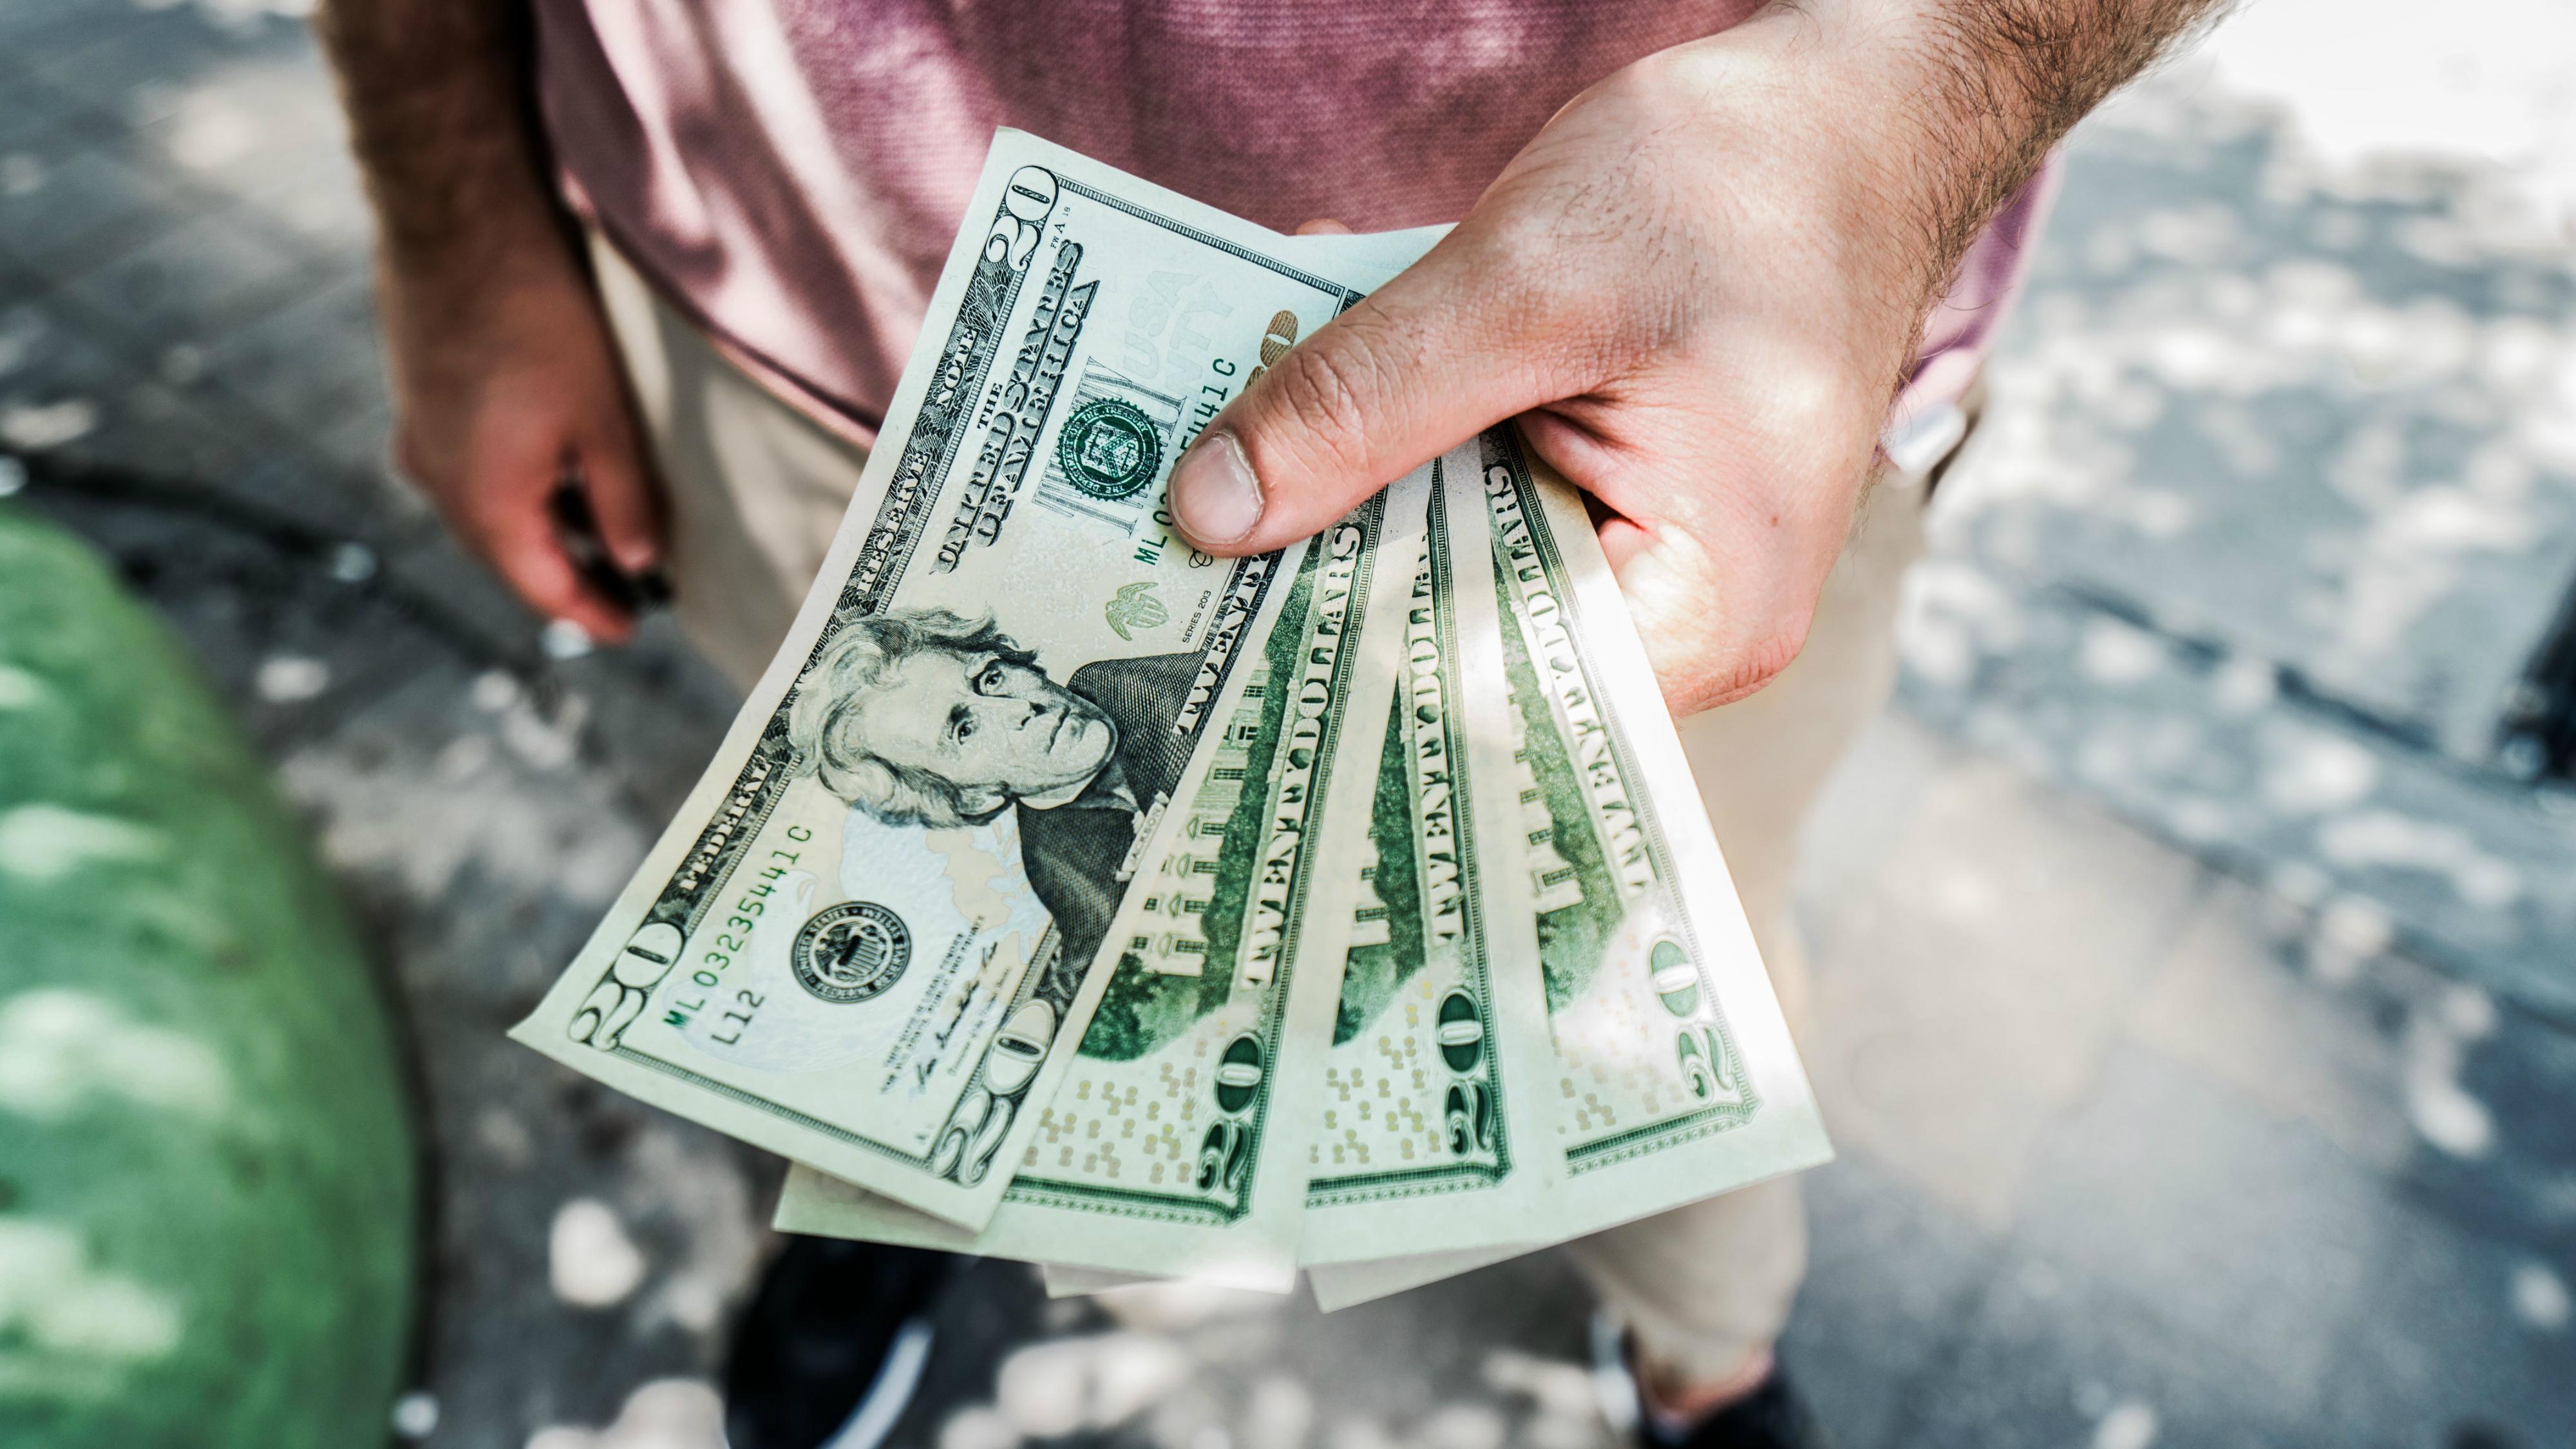 pelnīt naudu, uzaicinot cilvēkus